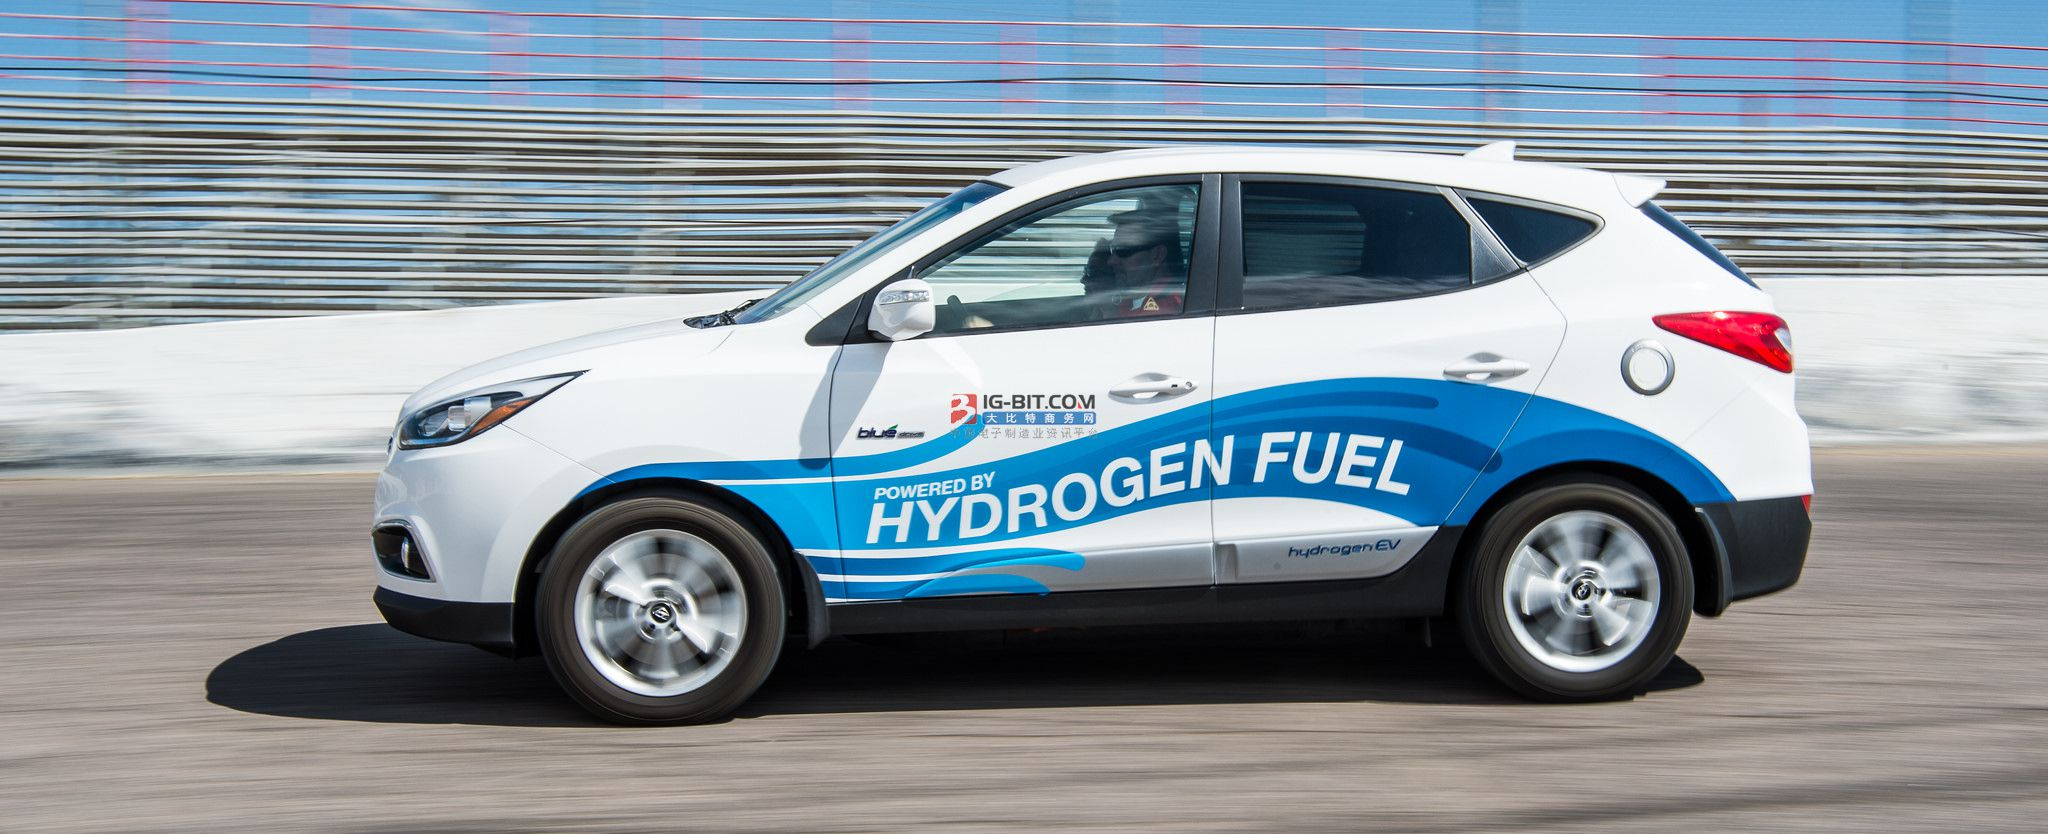 """氢能源乘用车成为""""历史""""!奔驰也不玩了,仅剩日韩等车企坚持"""